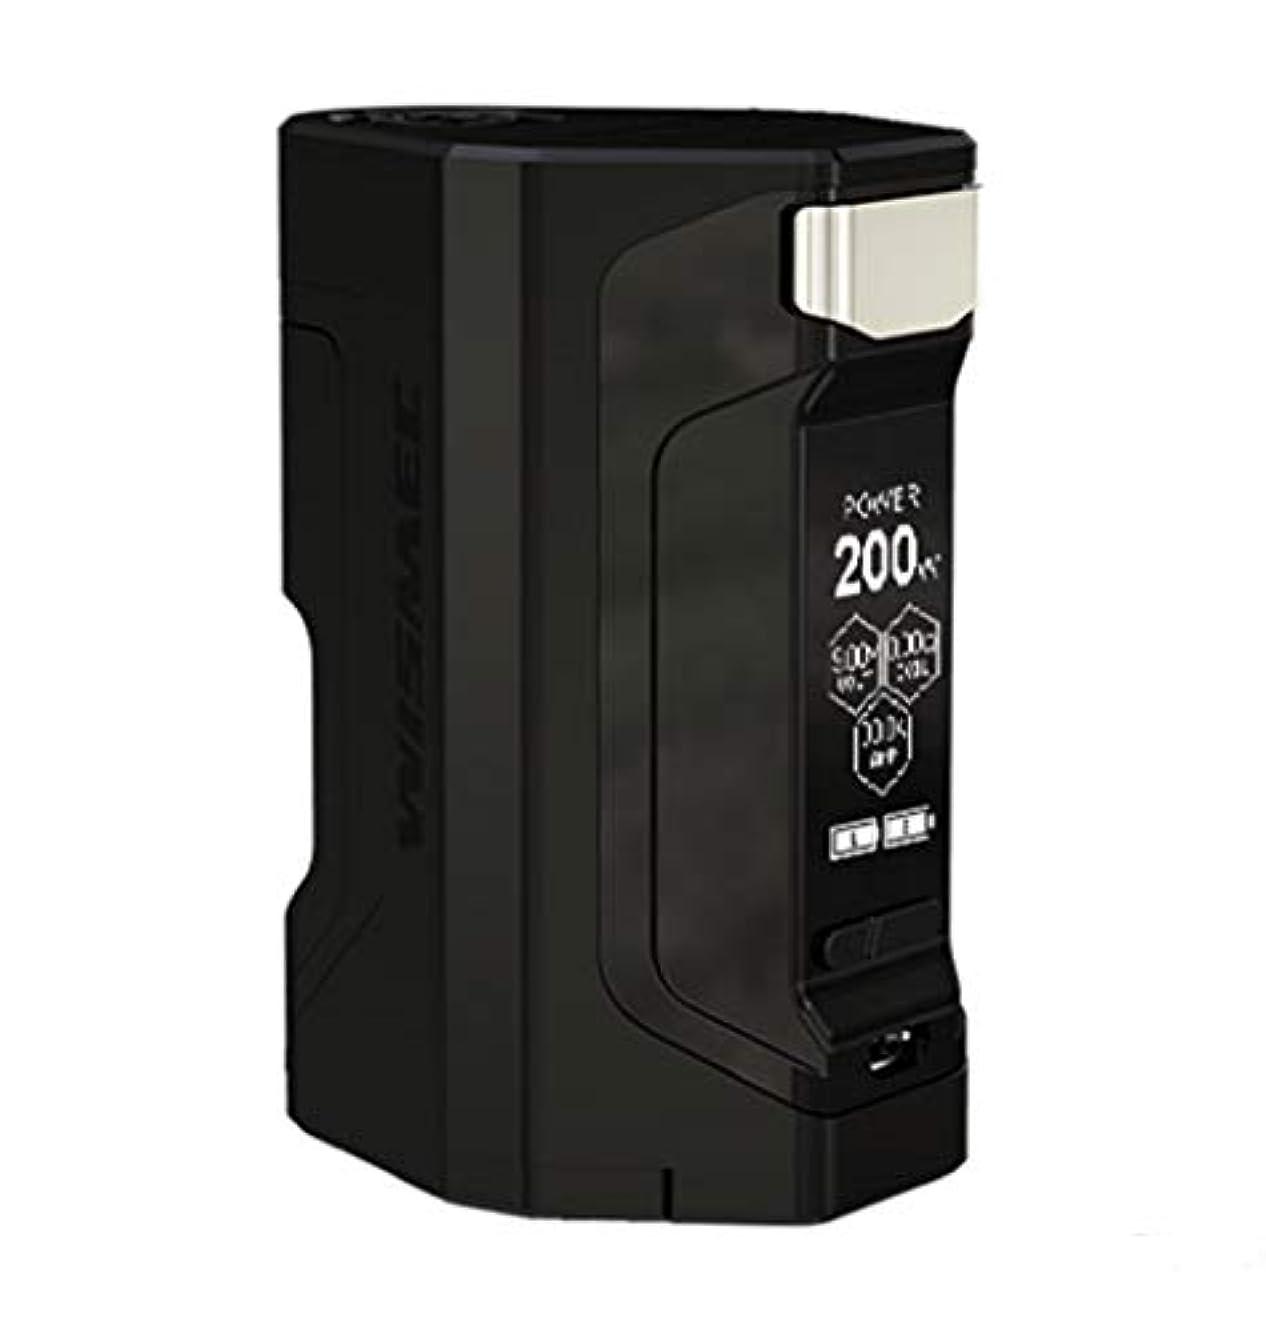 かなり求める求める正規品 WISMEC Luxotic DF 200W TC Box MOD 電子タバコ あいこす本体セットWismec box mod 電子タバコ けんとVape mod ハイエンド (黑)